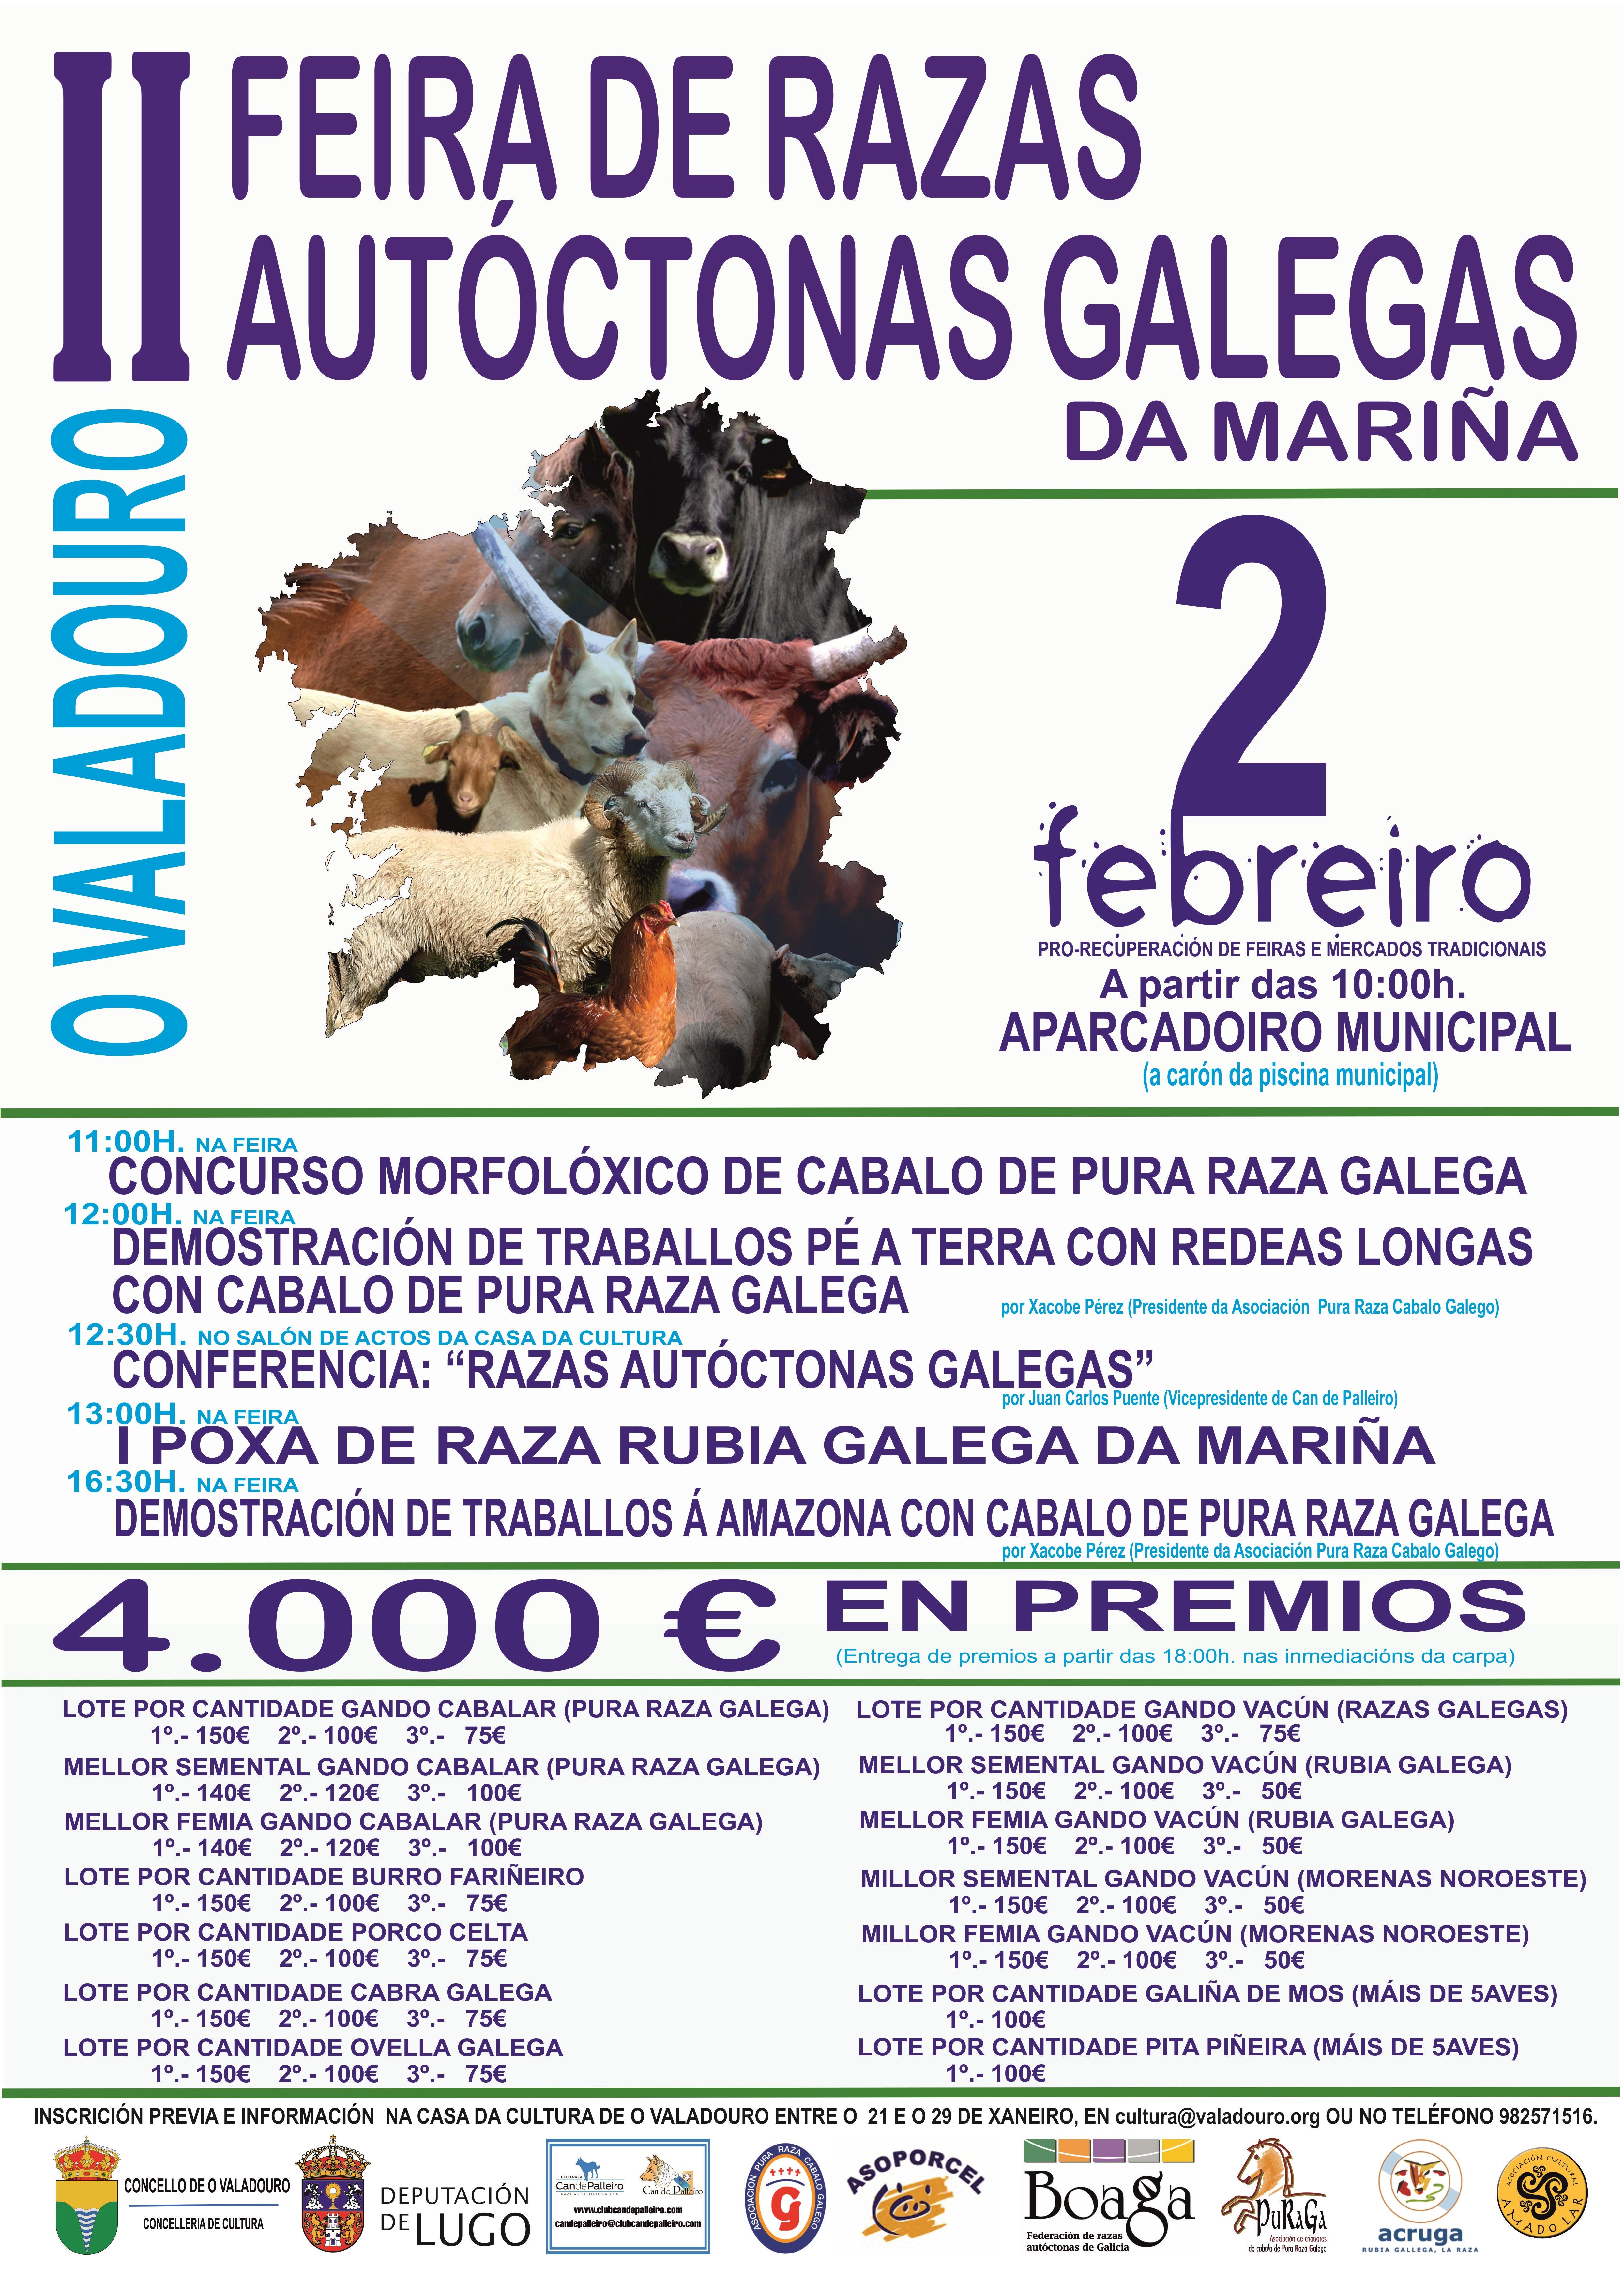 cartel II FEIRA RAZAS AUTOCTONAS GALEGAS Valadouro